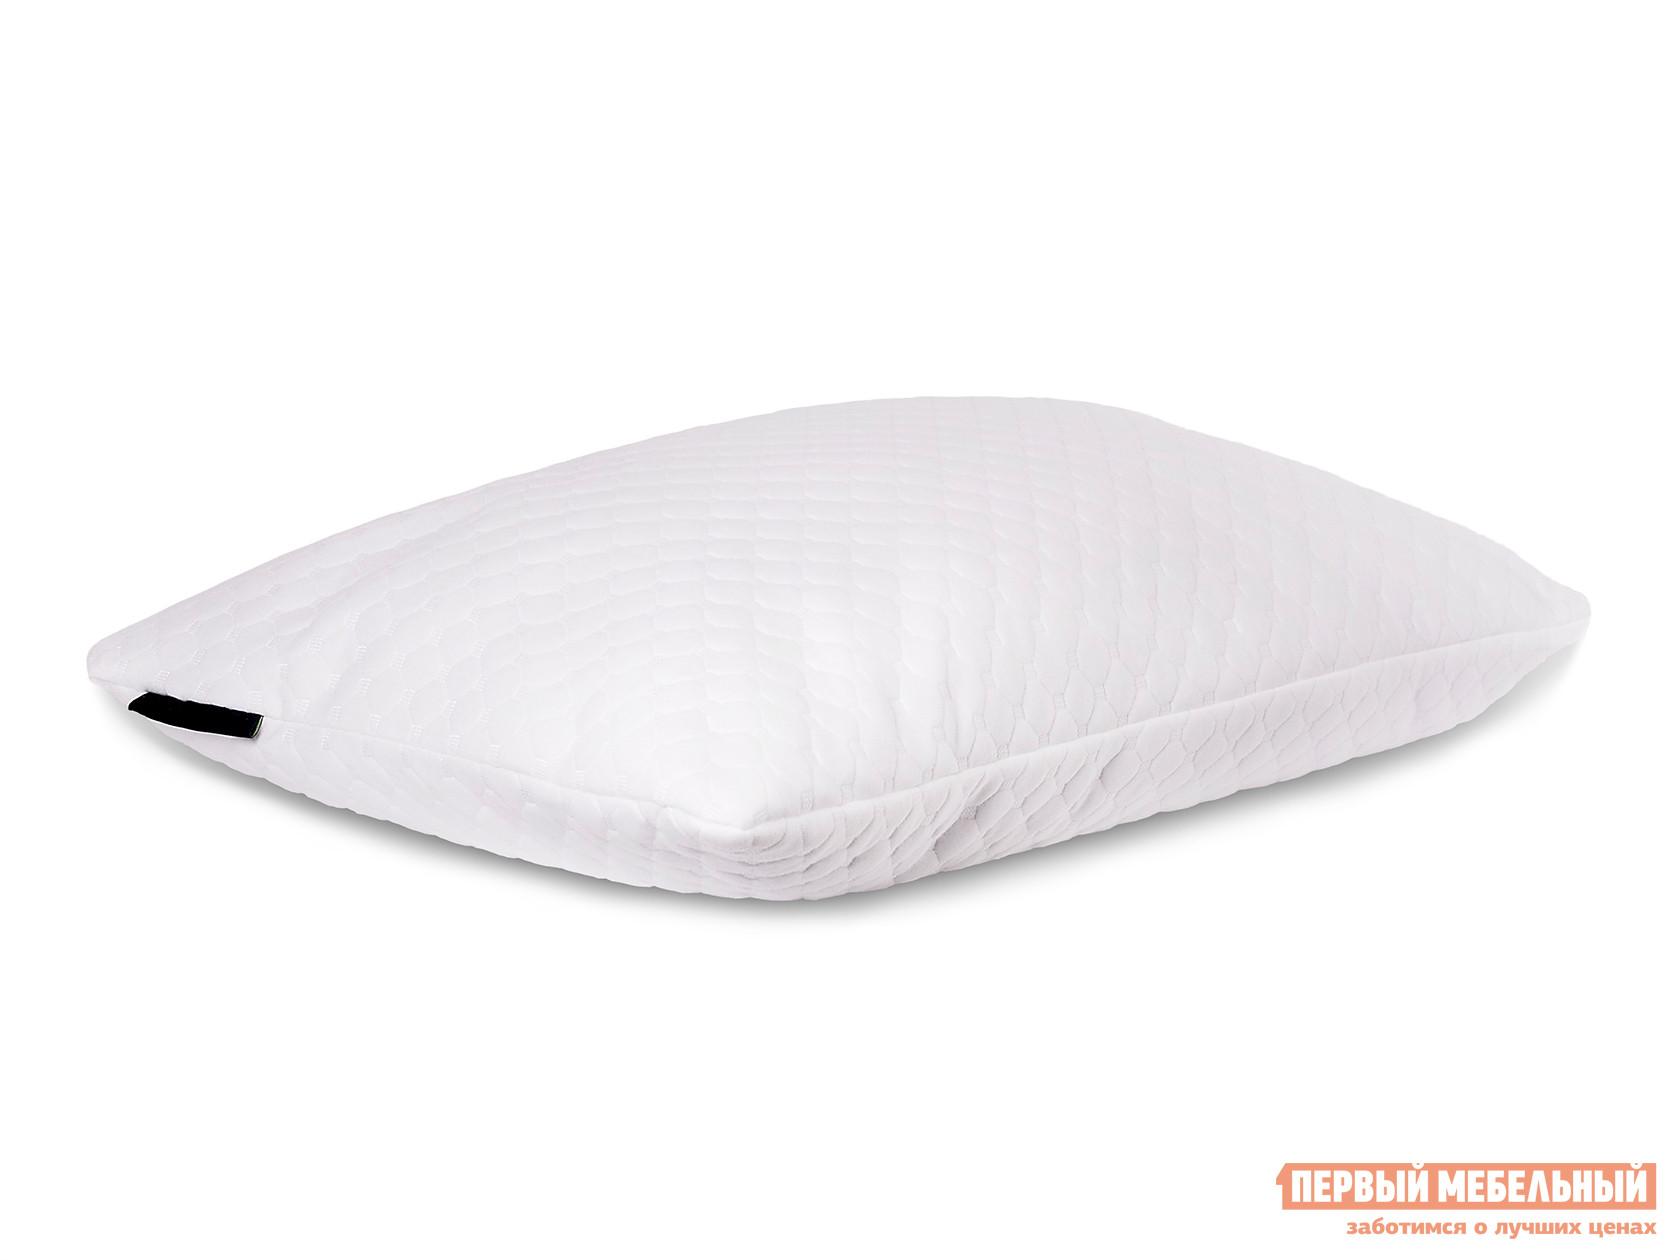 Подушка  Комфорт Белый, Высота 12 см